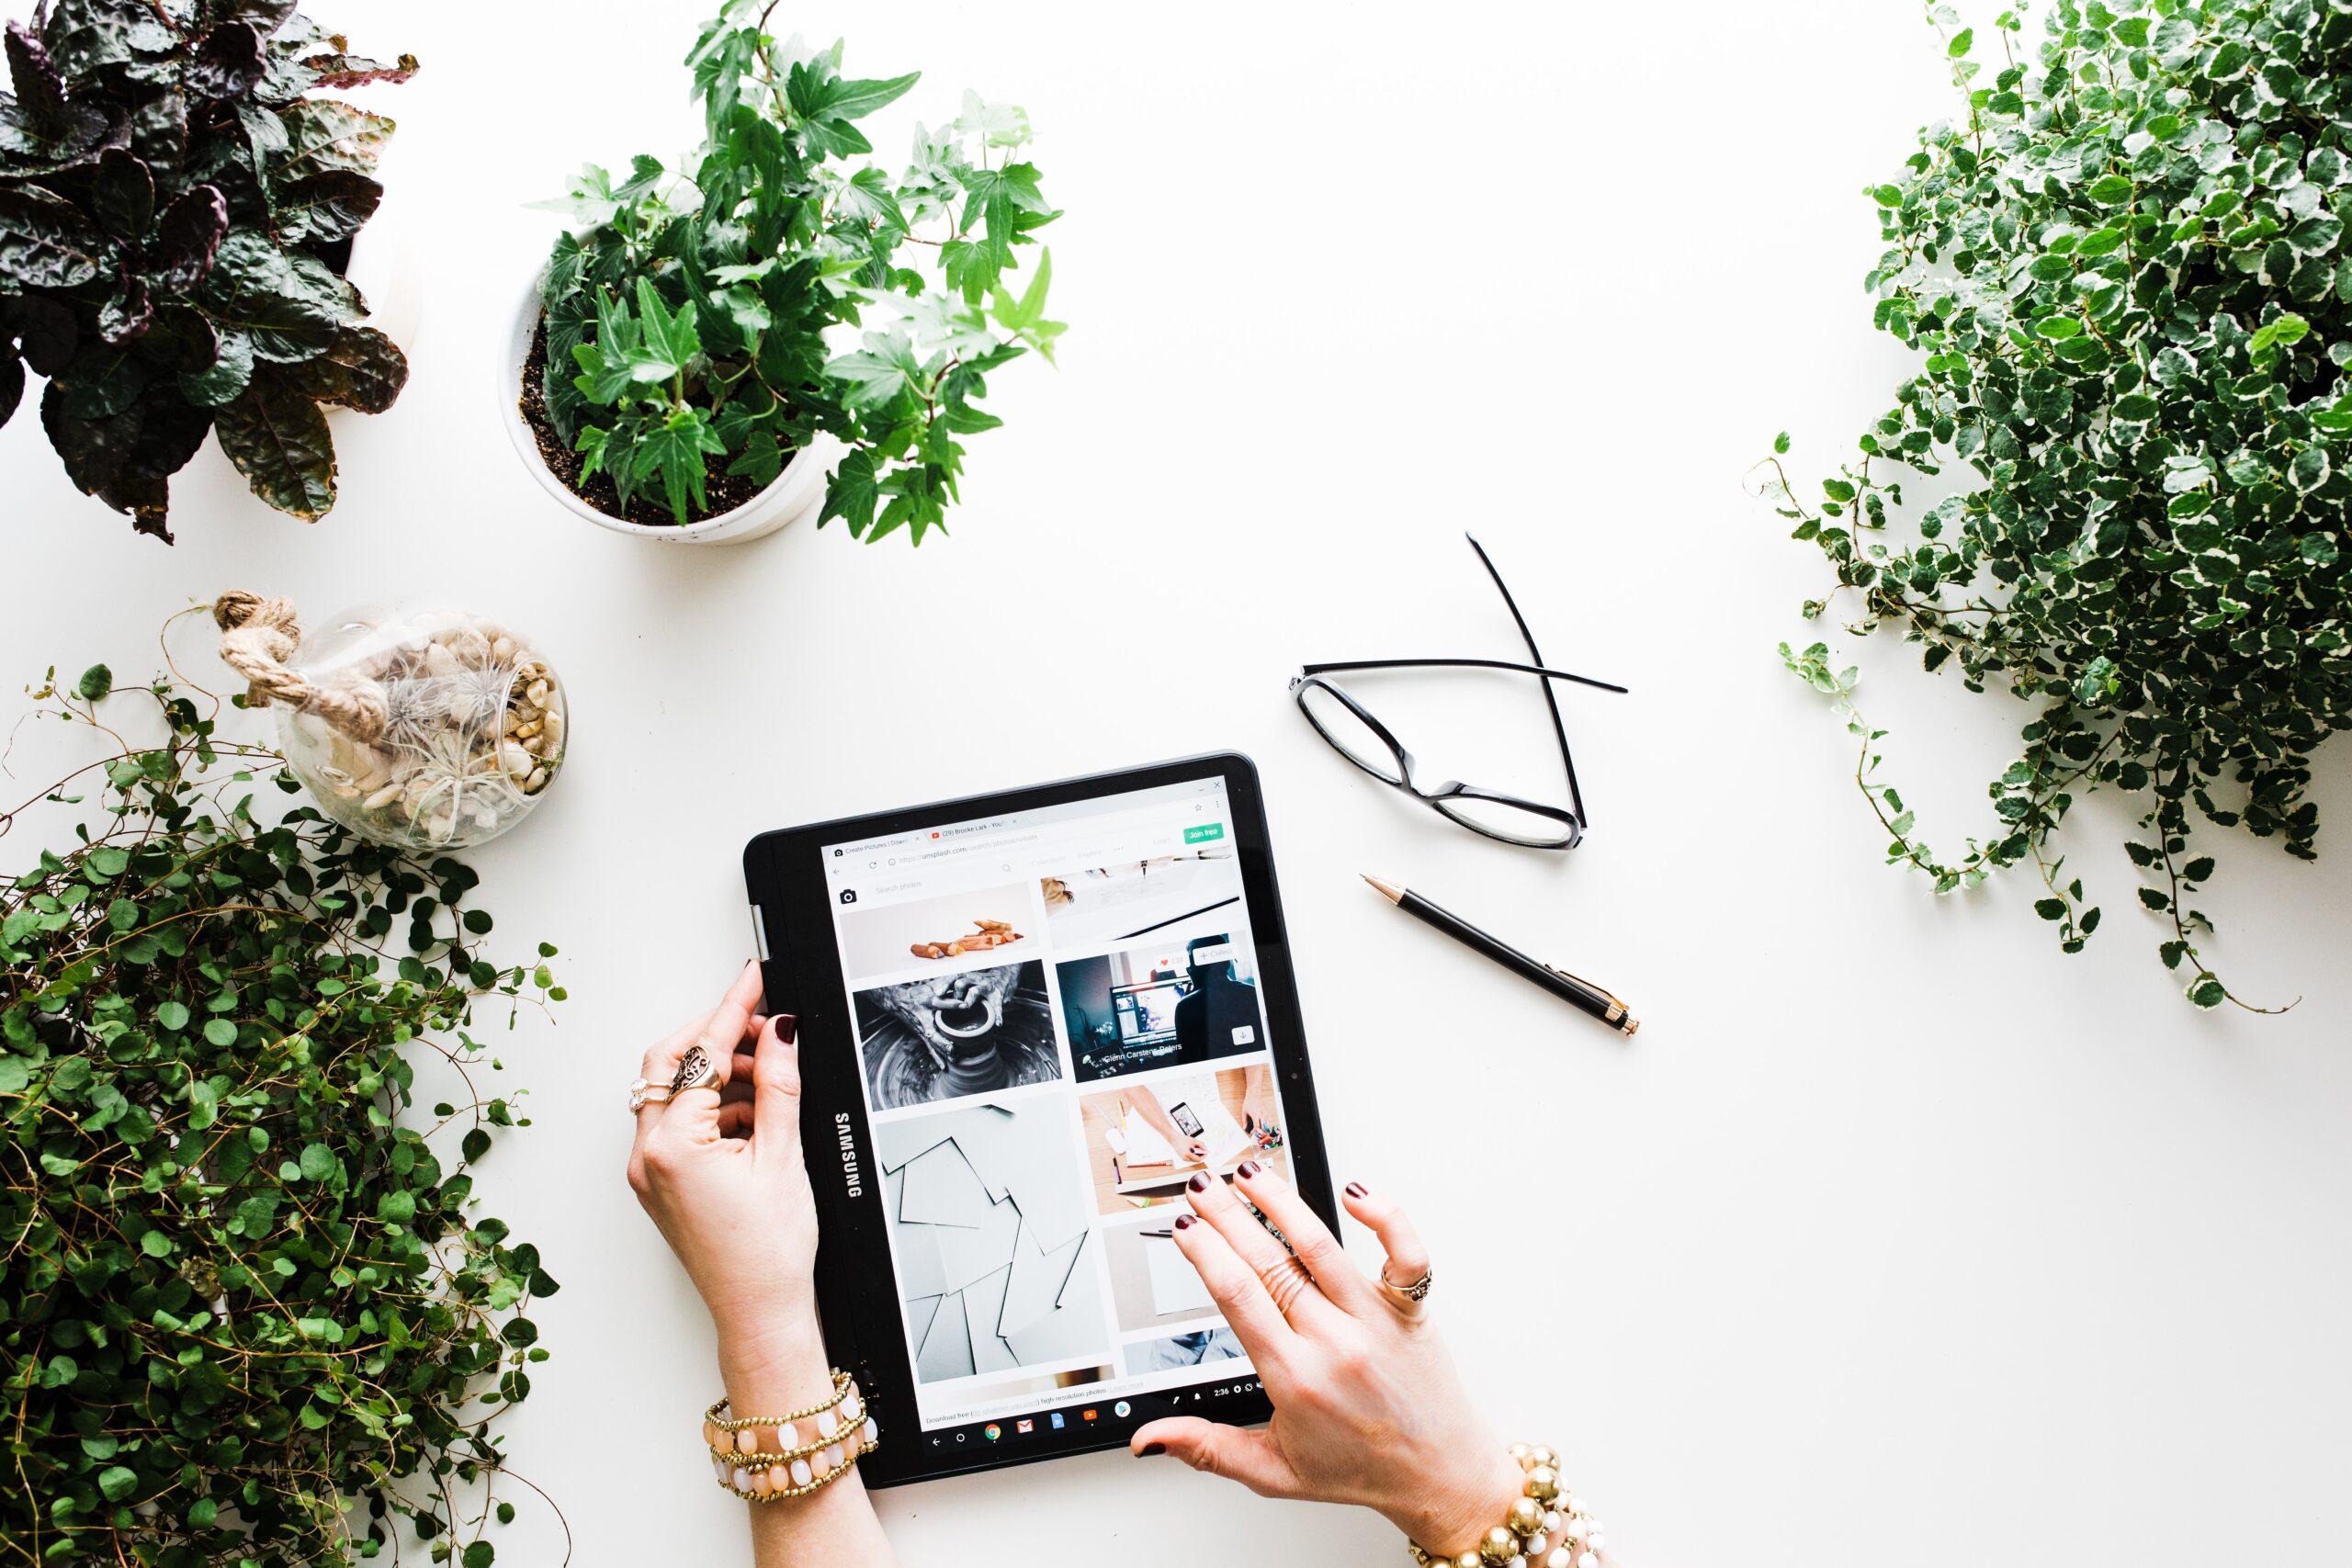 Jak założyć sklep internetowy? Poradnik dla początkujących